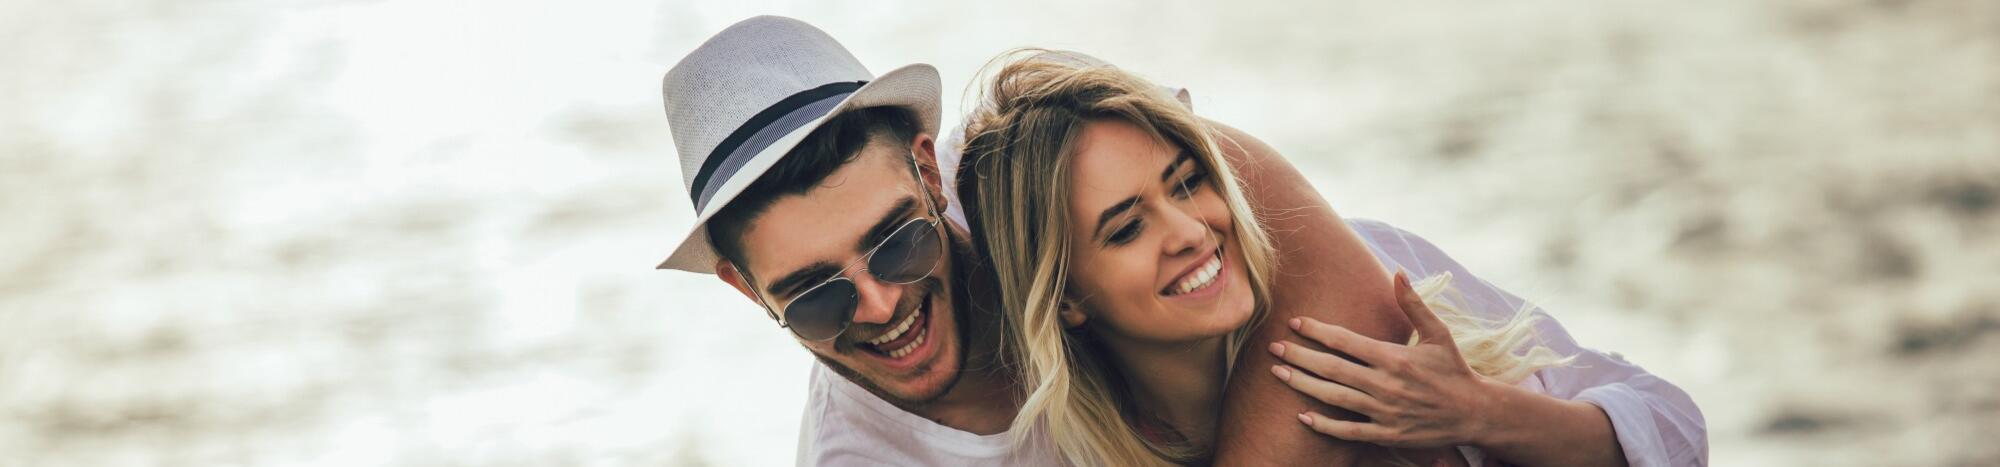 Offerta Vacanze Romantiche Giugno Rimini Speciale Coppie